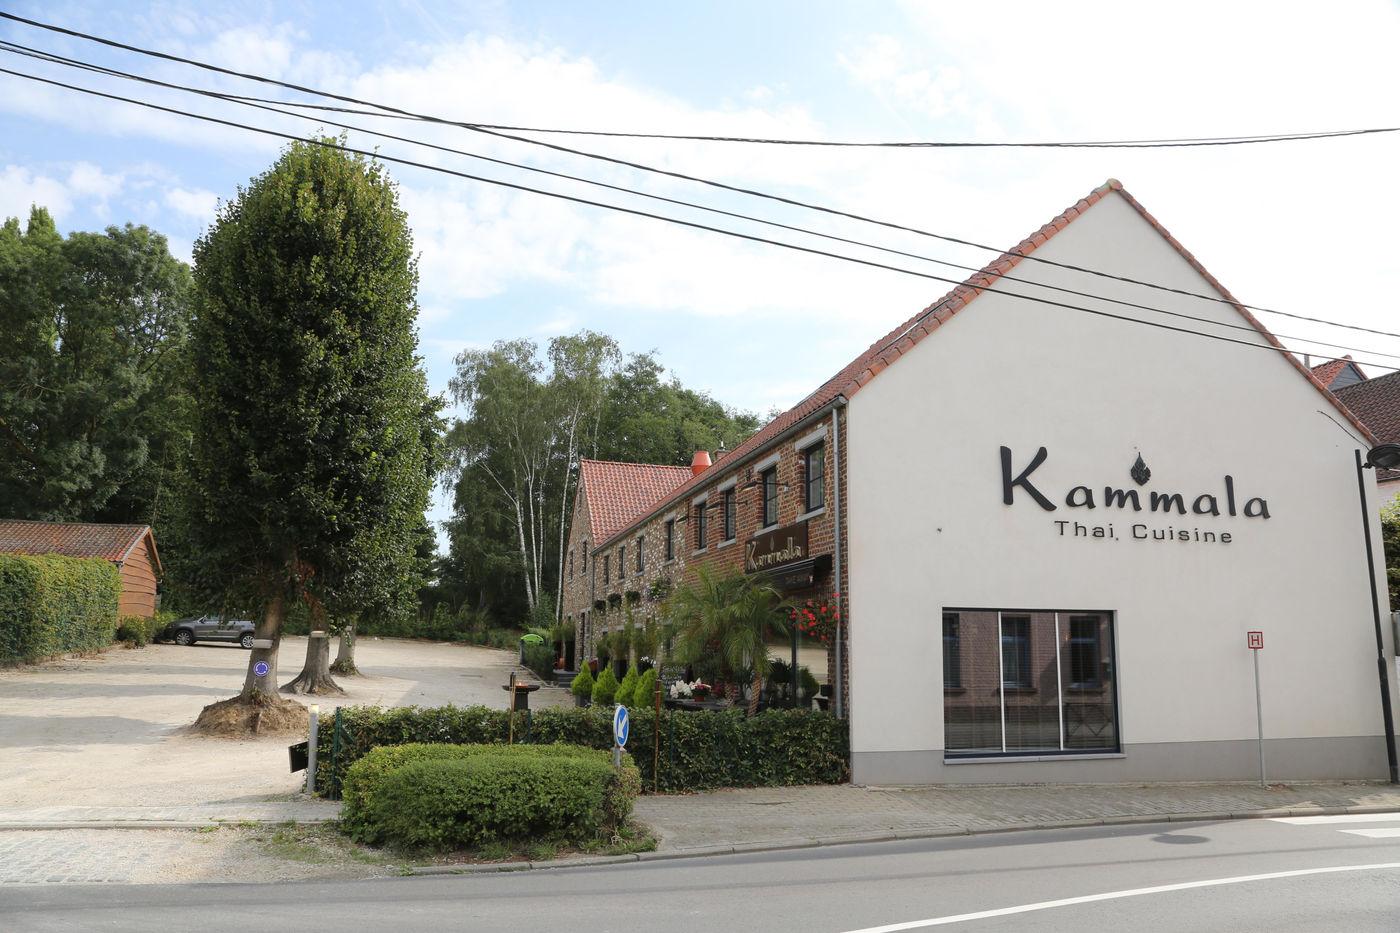 Restaurant Kamala